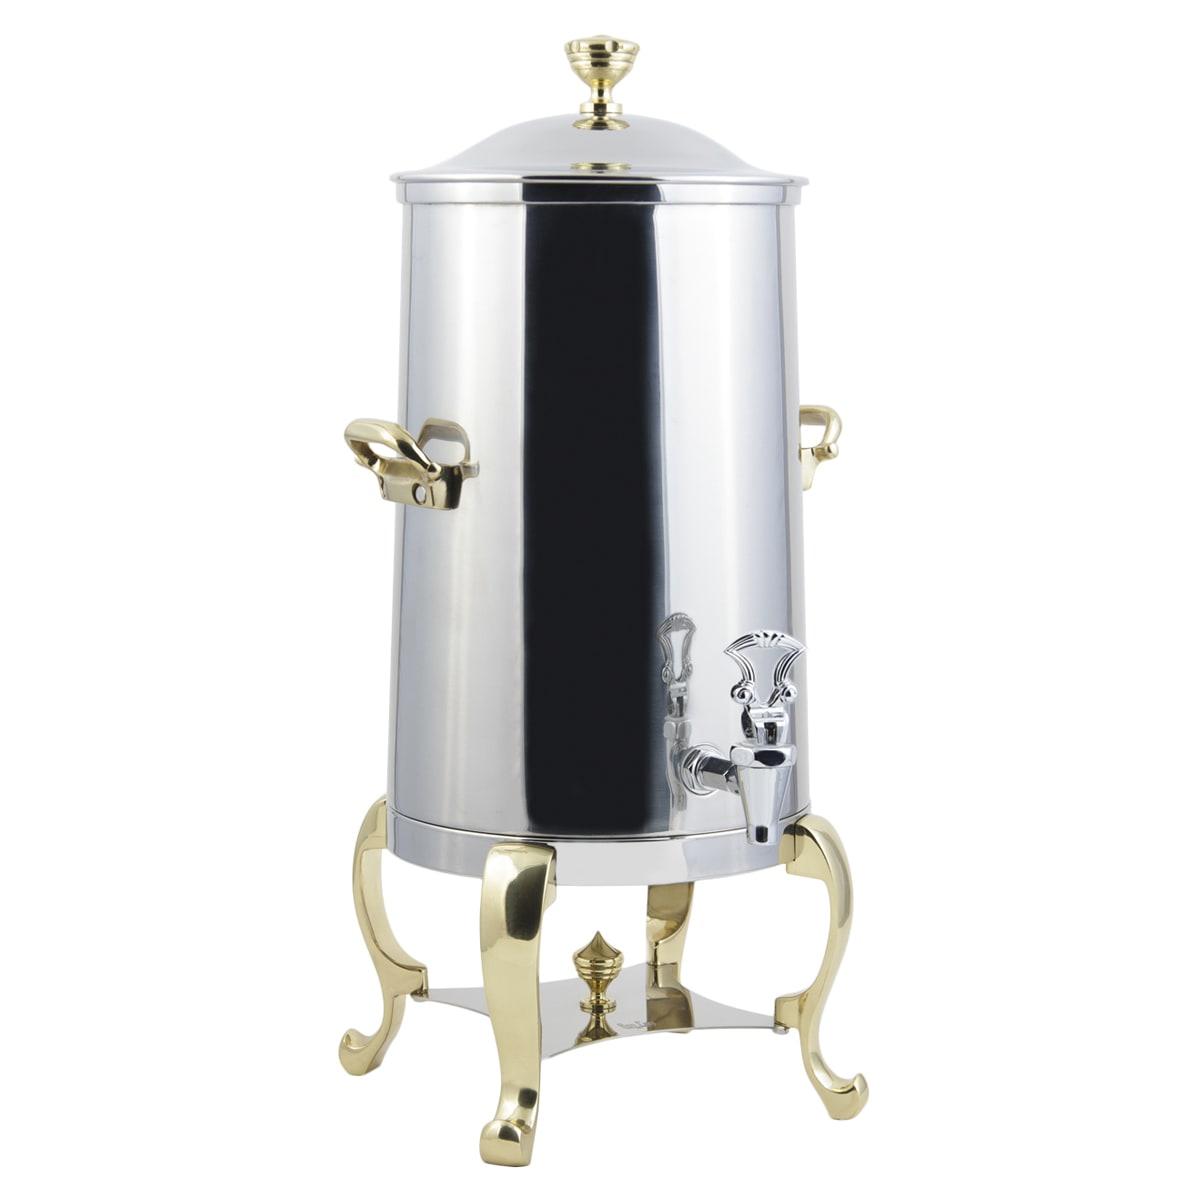 Bon Chef 49005 5 Gallon Insulated Coffee Urn Server, Roman